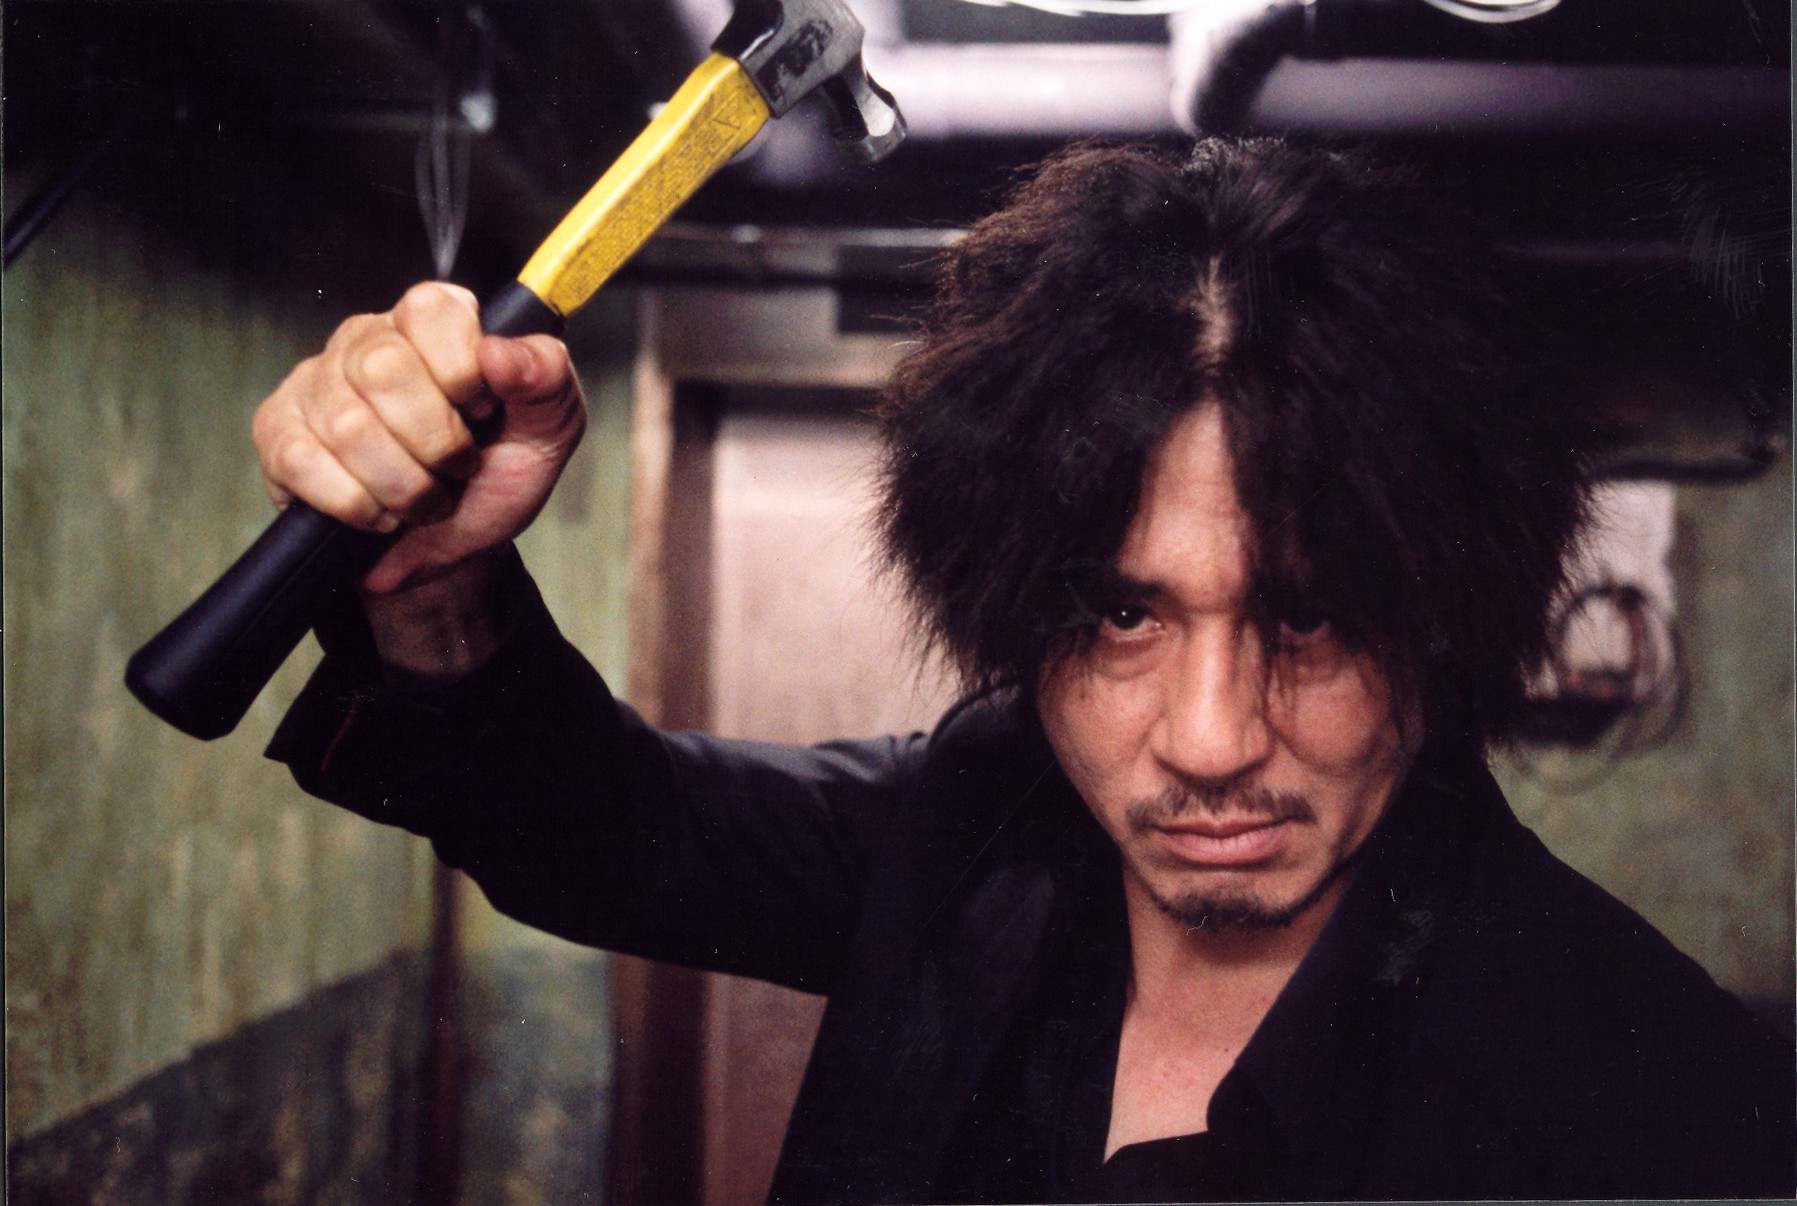 Choi Min-sik wields a claw hammer in Oldboy (2003)